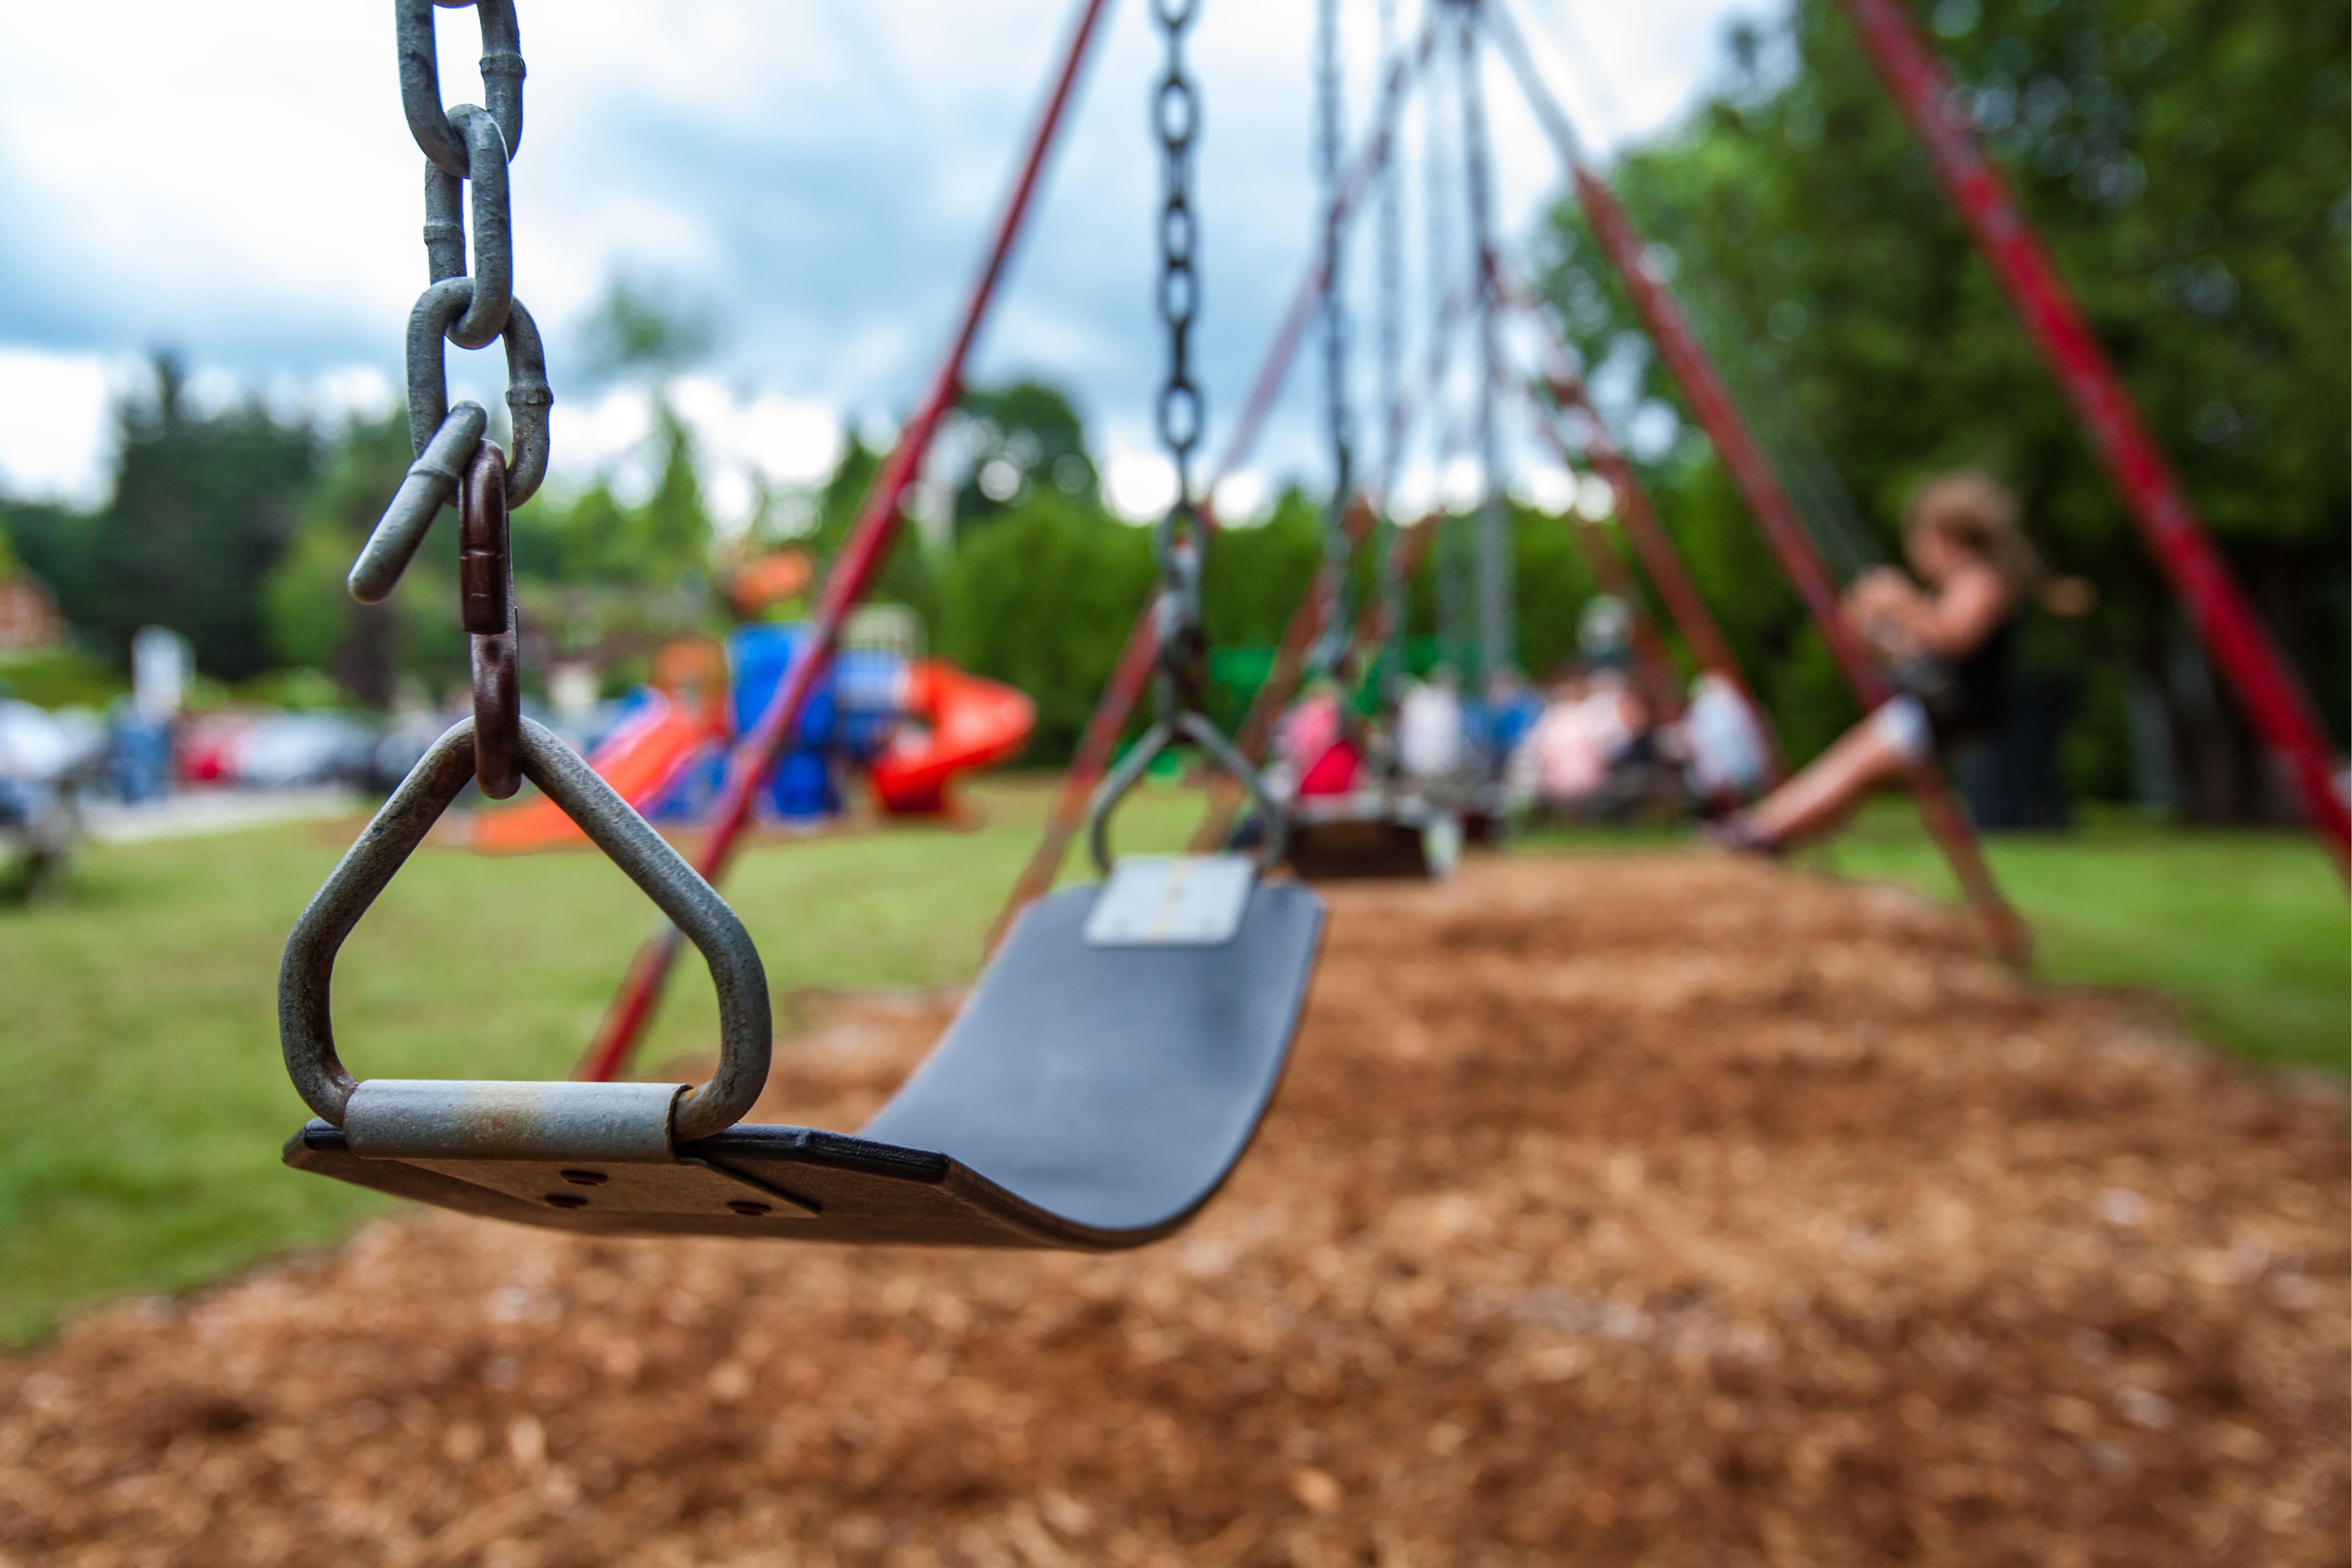 gunga i lekpark med lekande barn i bakgrunden